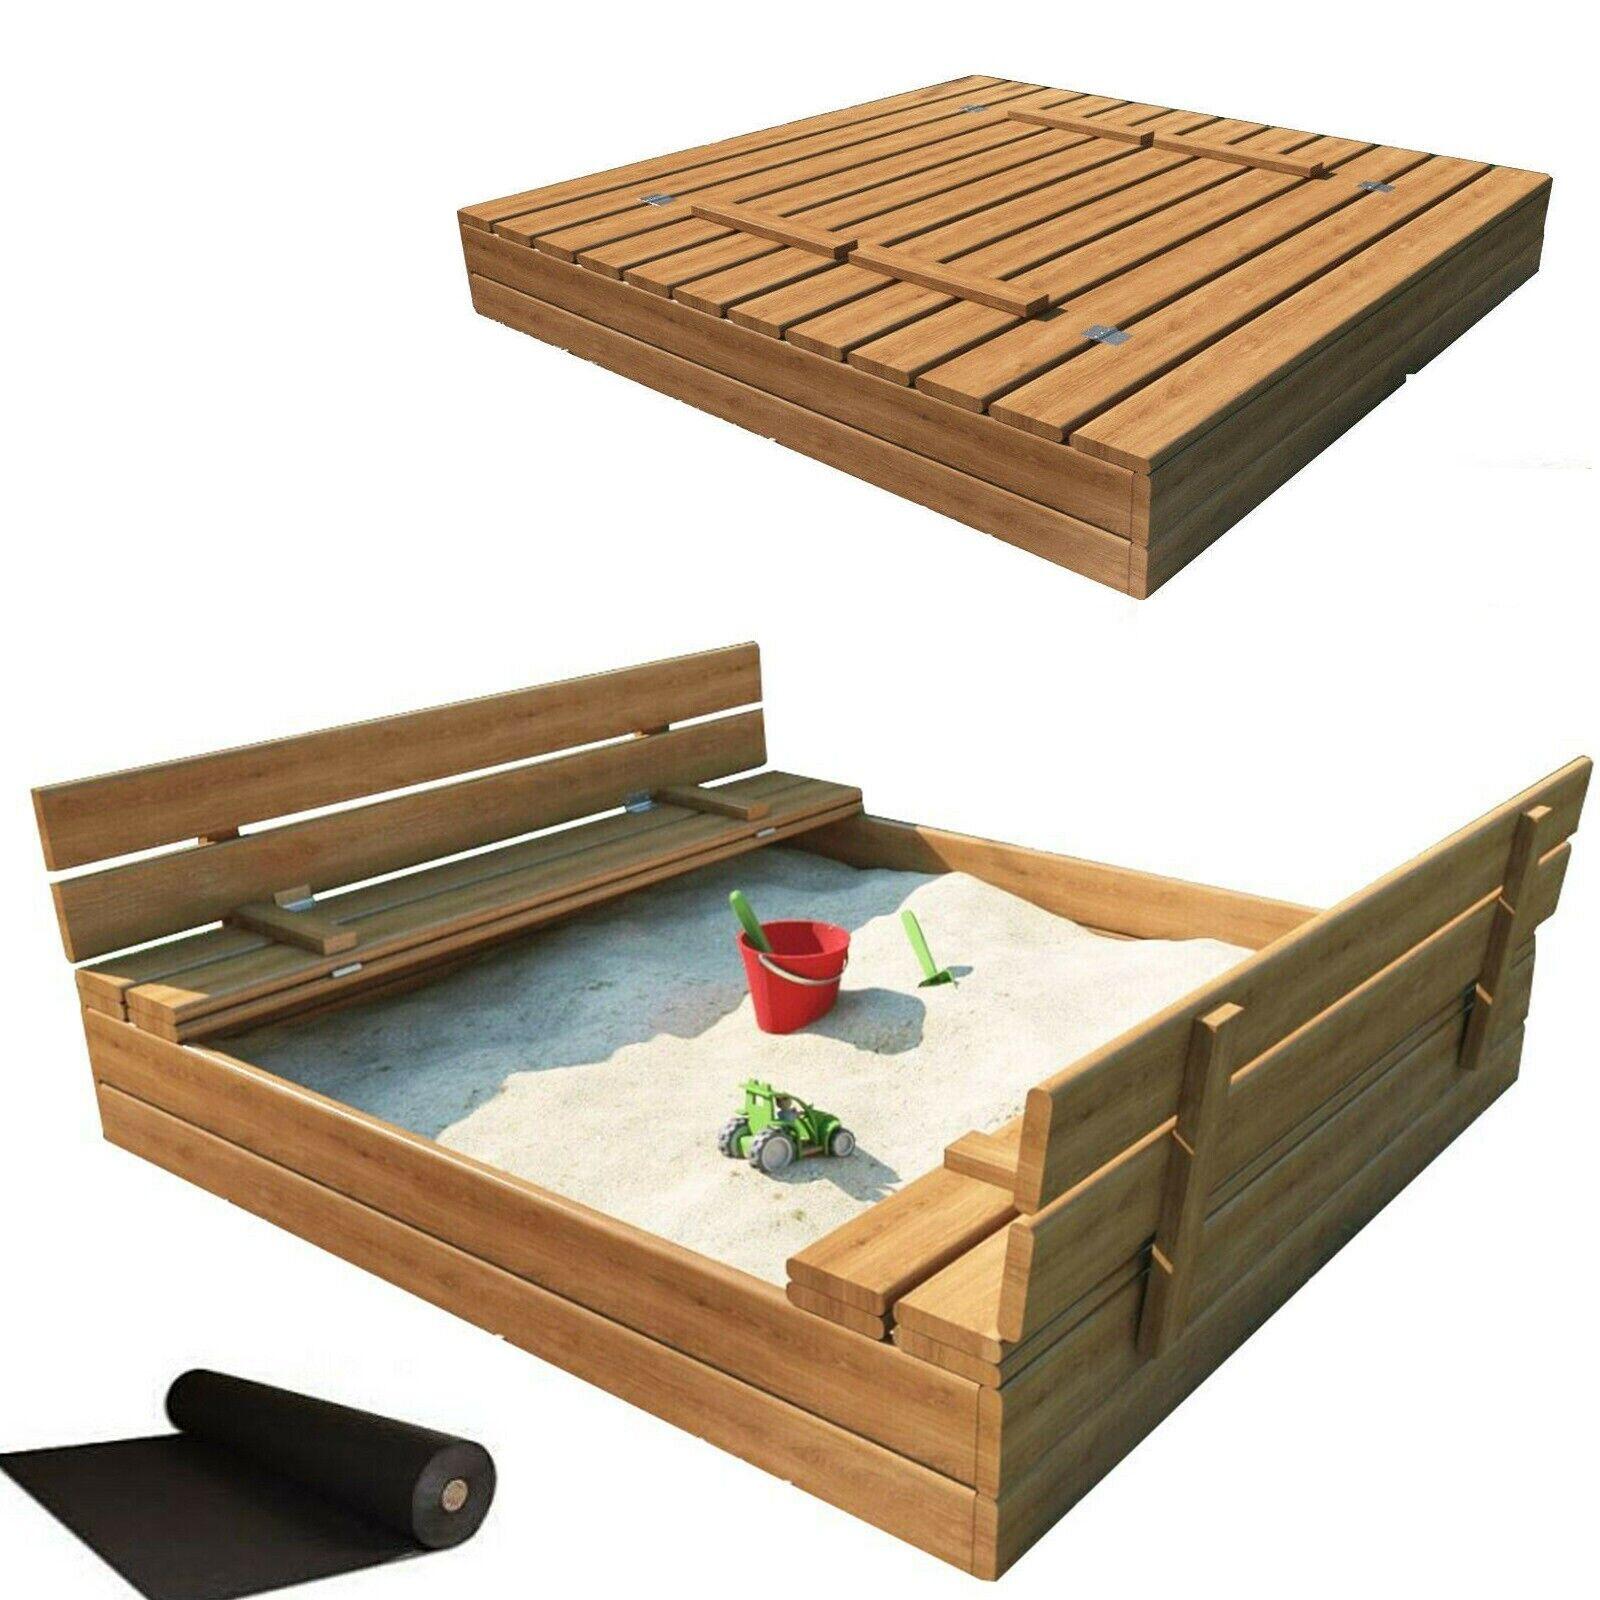 Sandkasten Sandbox mit Deckel SITZBÄNKEN Sandkiste 120x120CM Holz